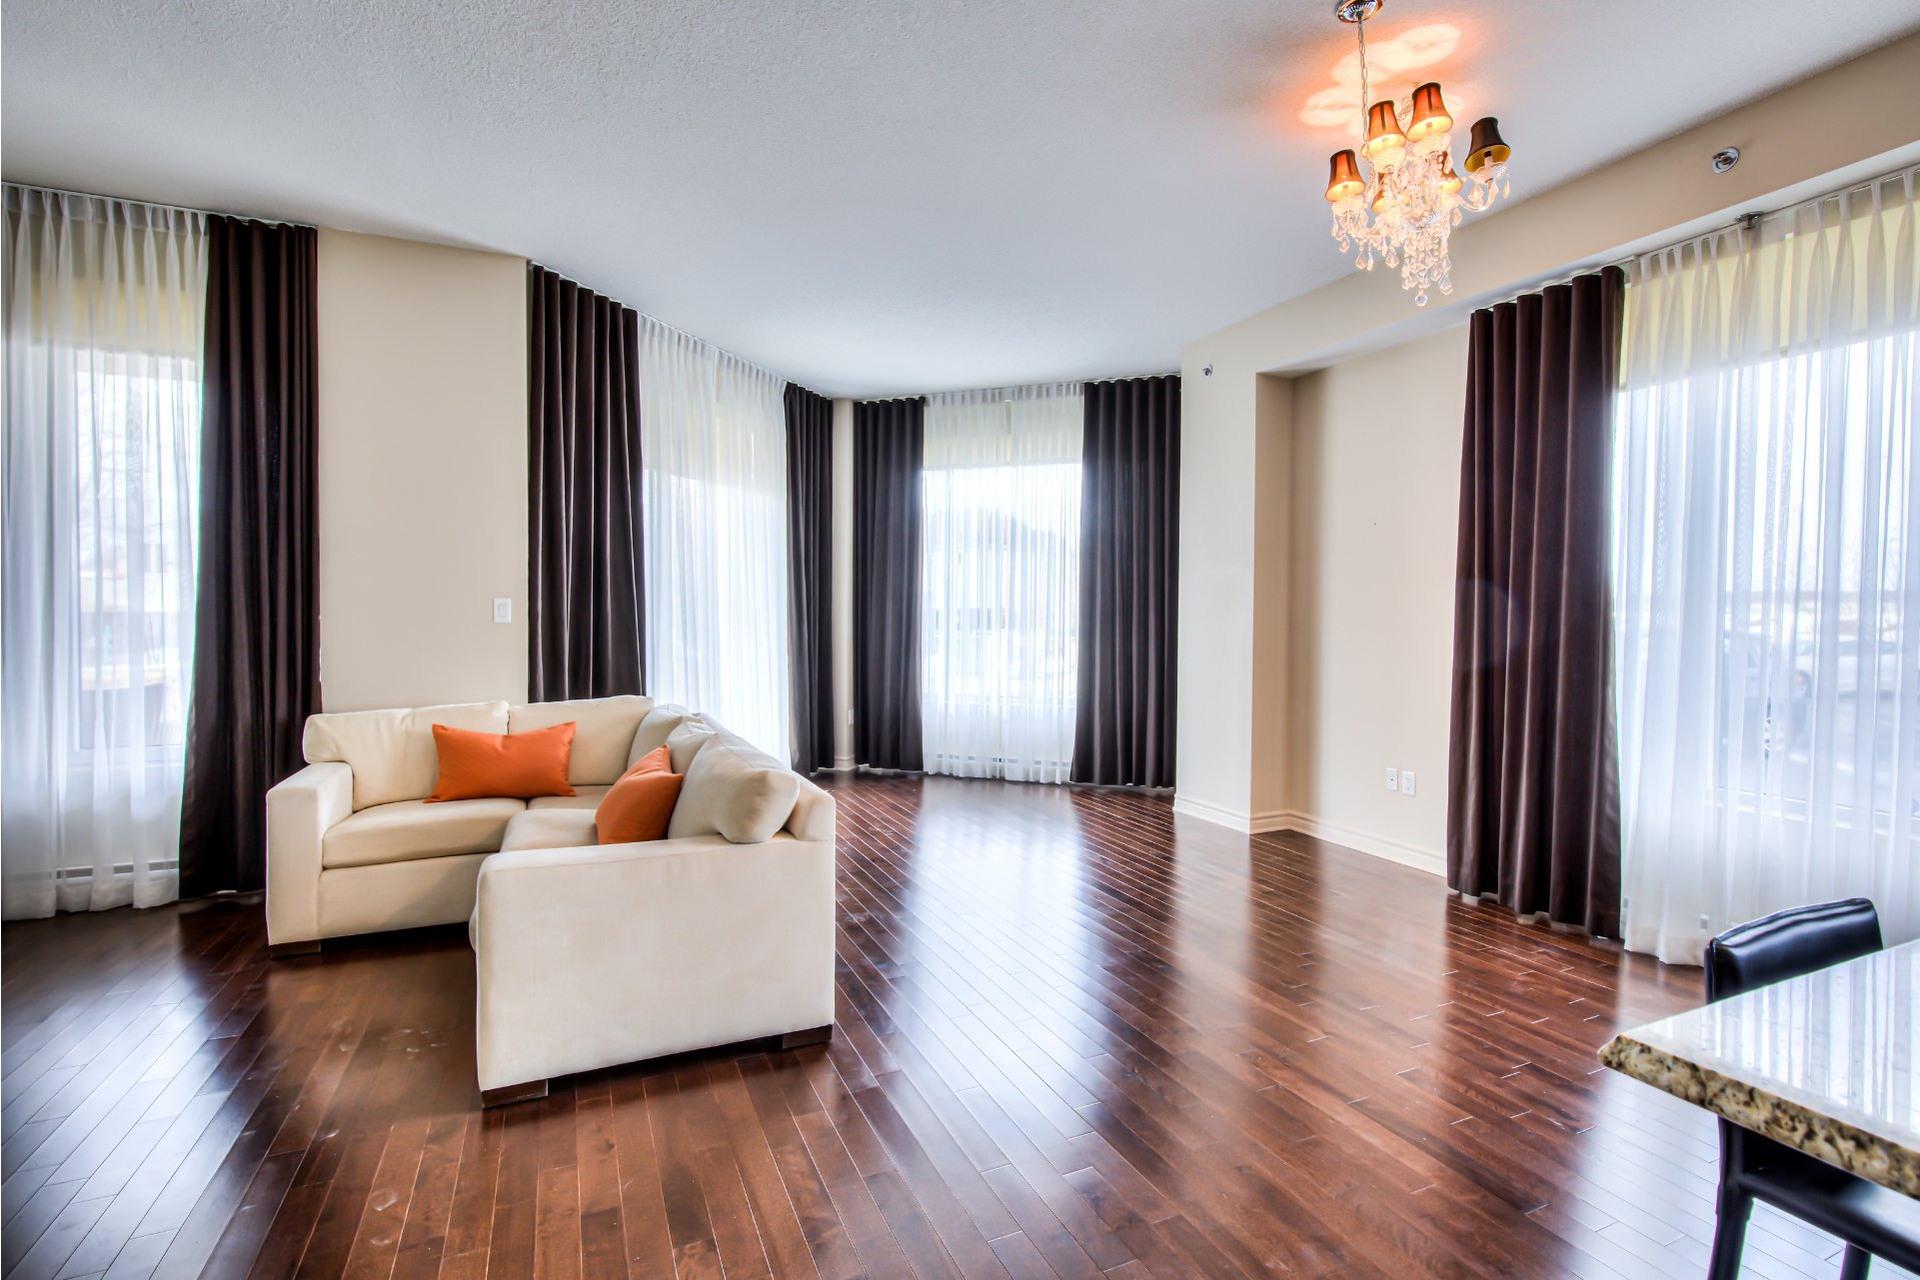 image 10 - Appartement À vendre Vaudreuil-Dorion - 8 pièces